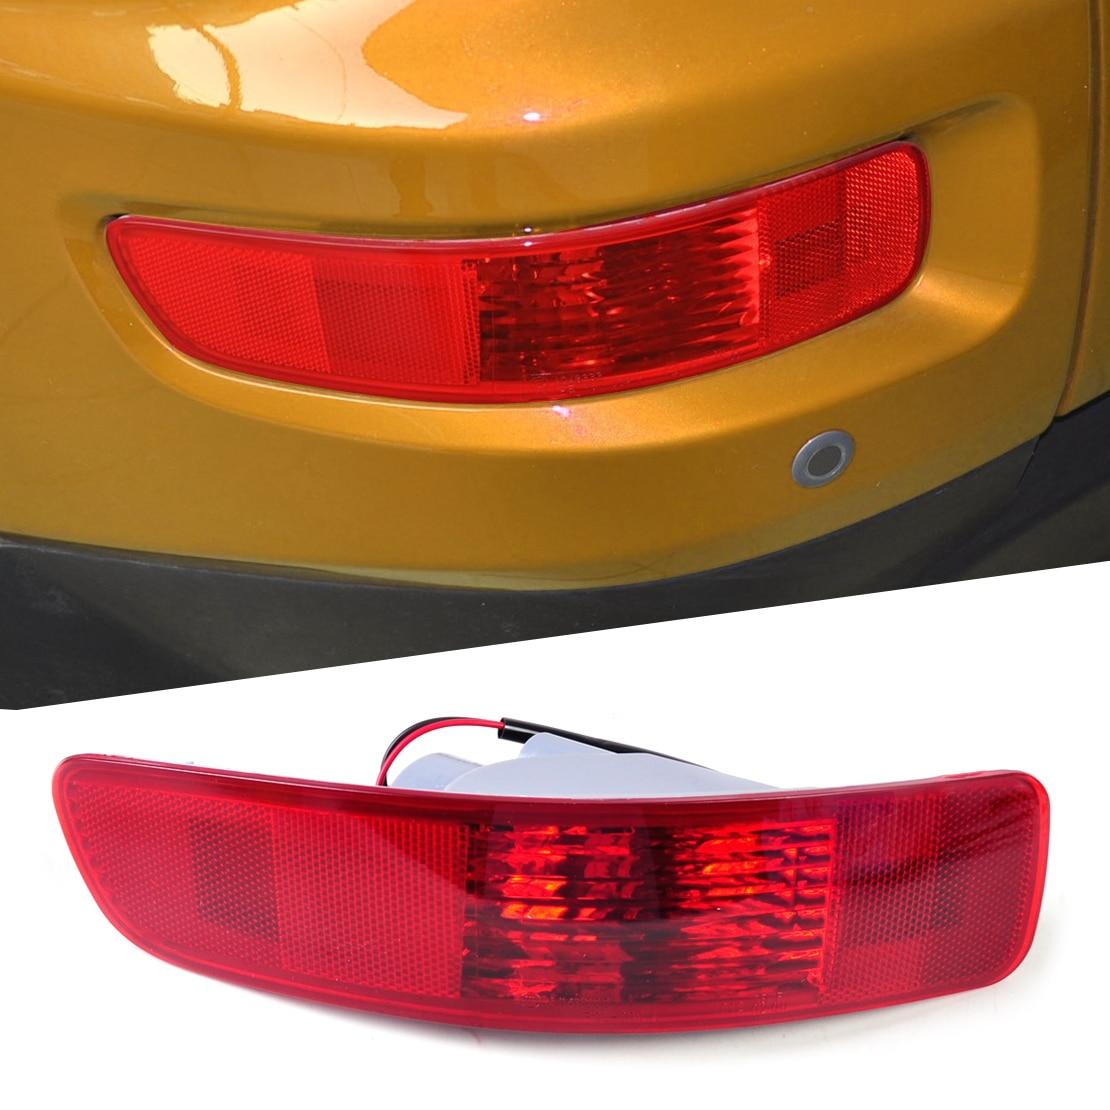 beler Rear Fog Lamp Light Left Side SL693-LH Fit for Mitsubishi Outlander 2007 2008 2009 2010 2011 2012 2013 SL693 1pcs lh left side tail fog lamp red rear bumper light cd85 51 660 for mazda 5 2008